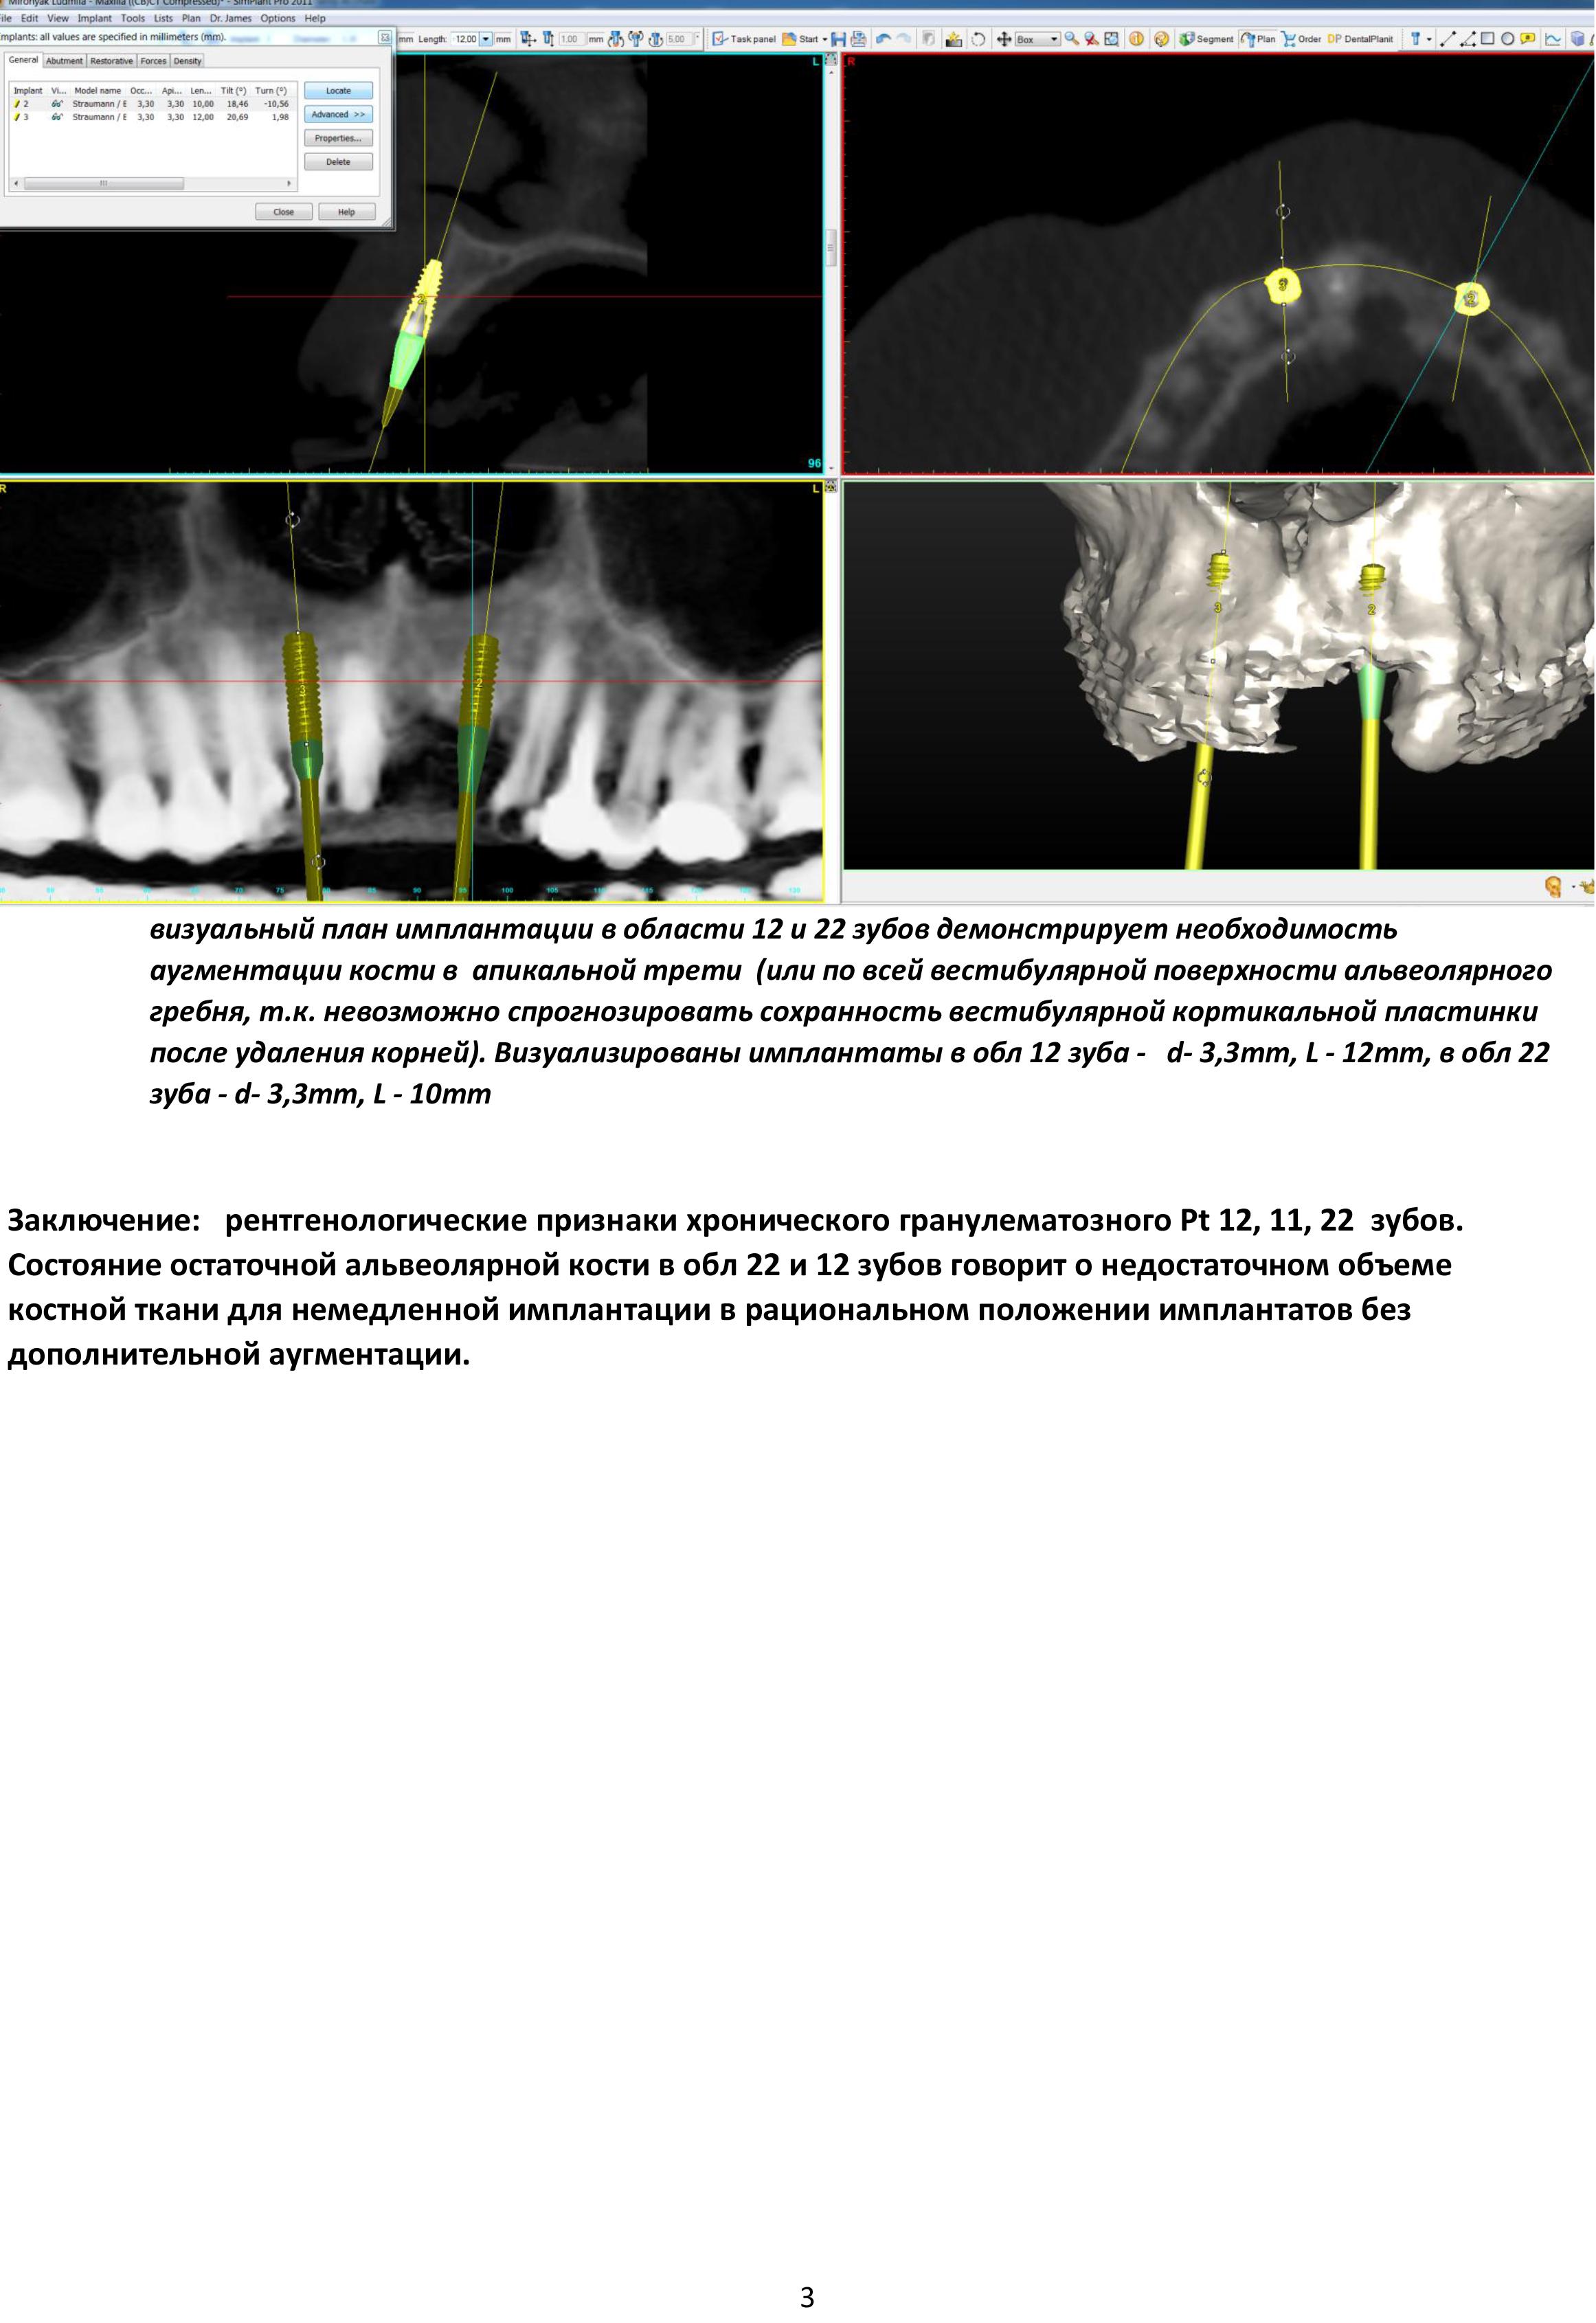 рентгензаключение с целью планирования имплантации